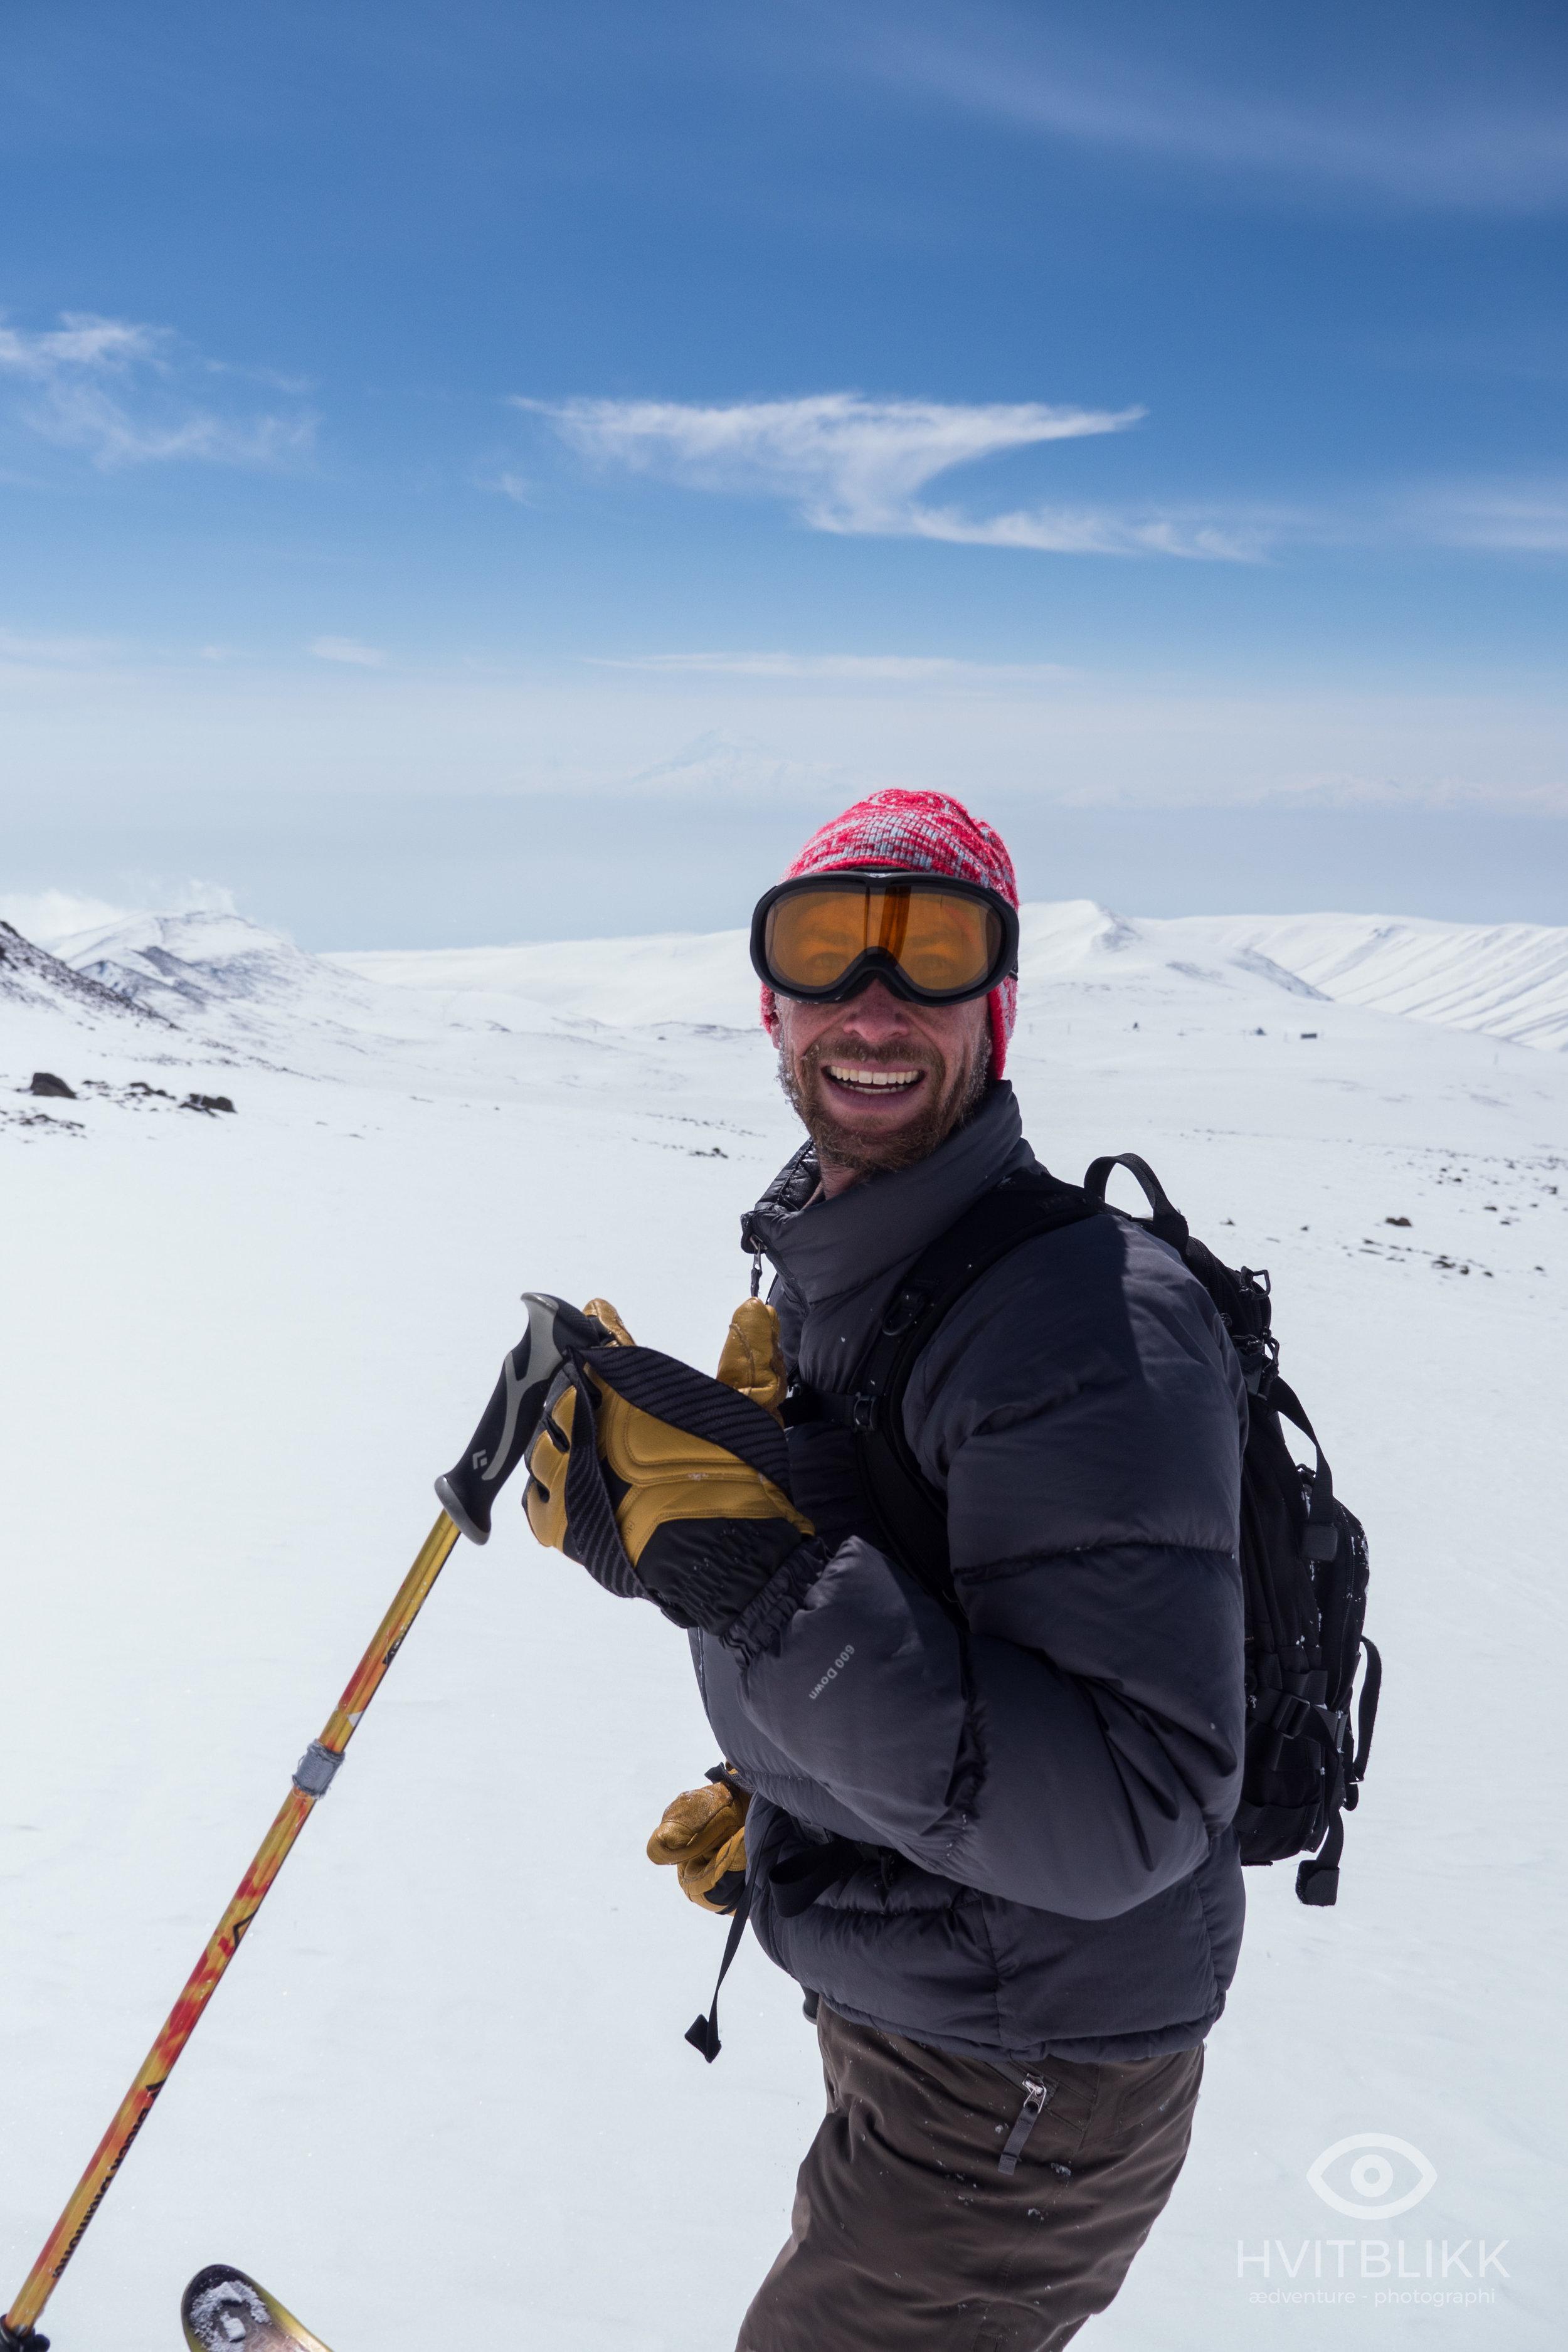 Aragats er en gammel vulkan, og gir en spennende skikjøring i et noe goldt terreng. På grunn av høyden og det tørre klimaet kan derimot snøen være utfordrende, med lite og hard snø. Nede til høyre kan man skimte forskningsstasjonen hvor vi overnattet natten før.